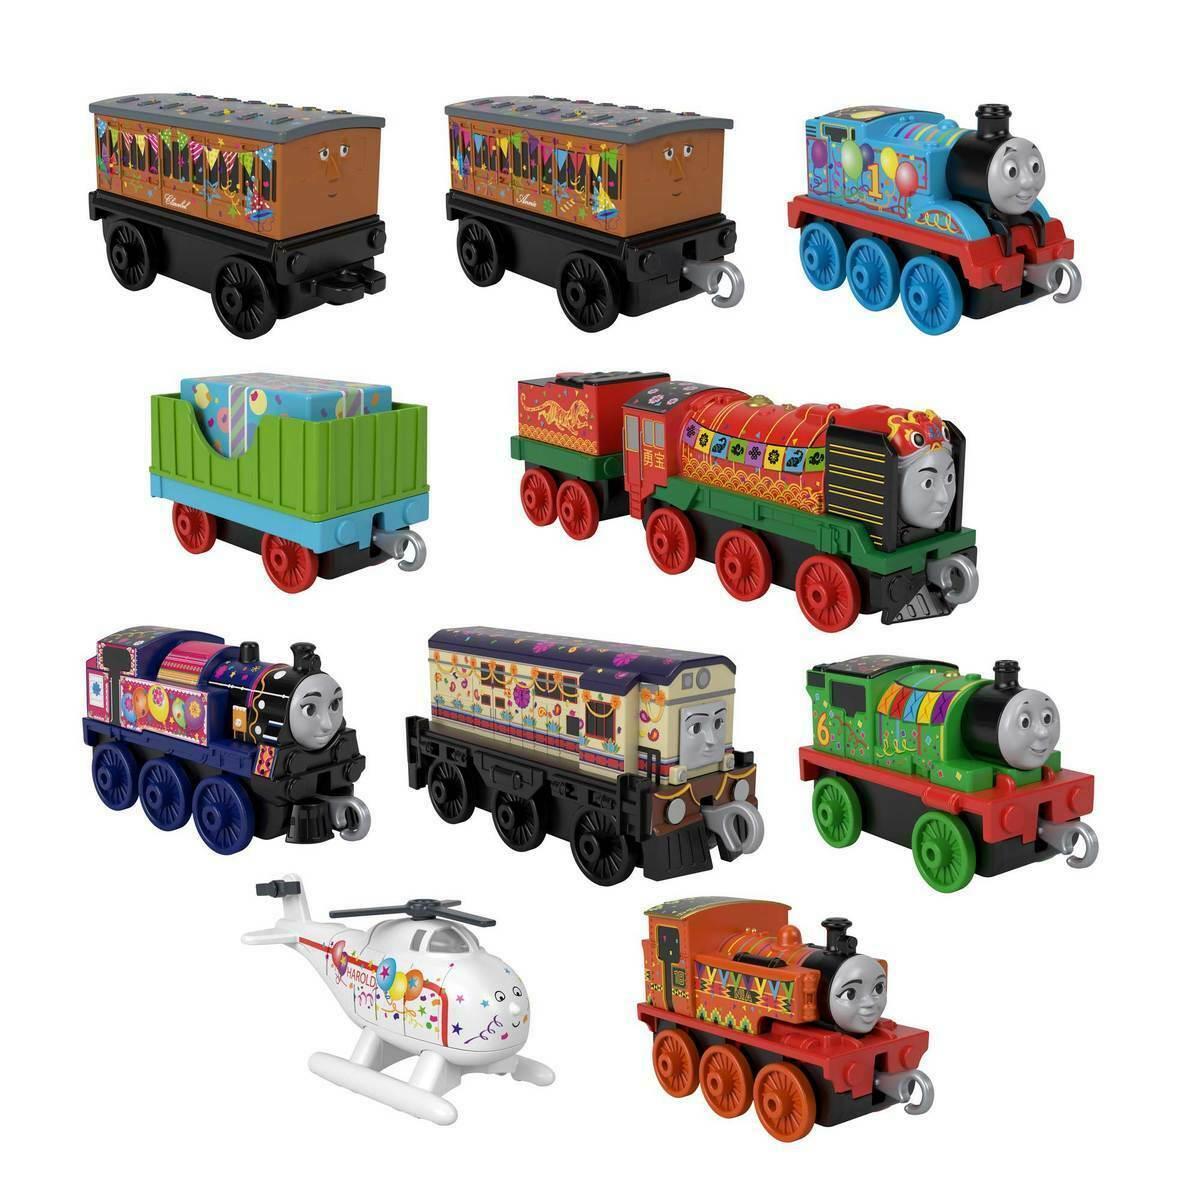 Набор паровозики Томас и его друзья 10 штук Fisher Price Thomas & Friends GRG41